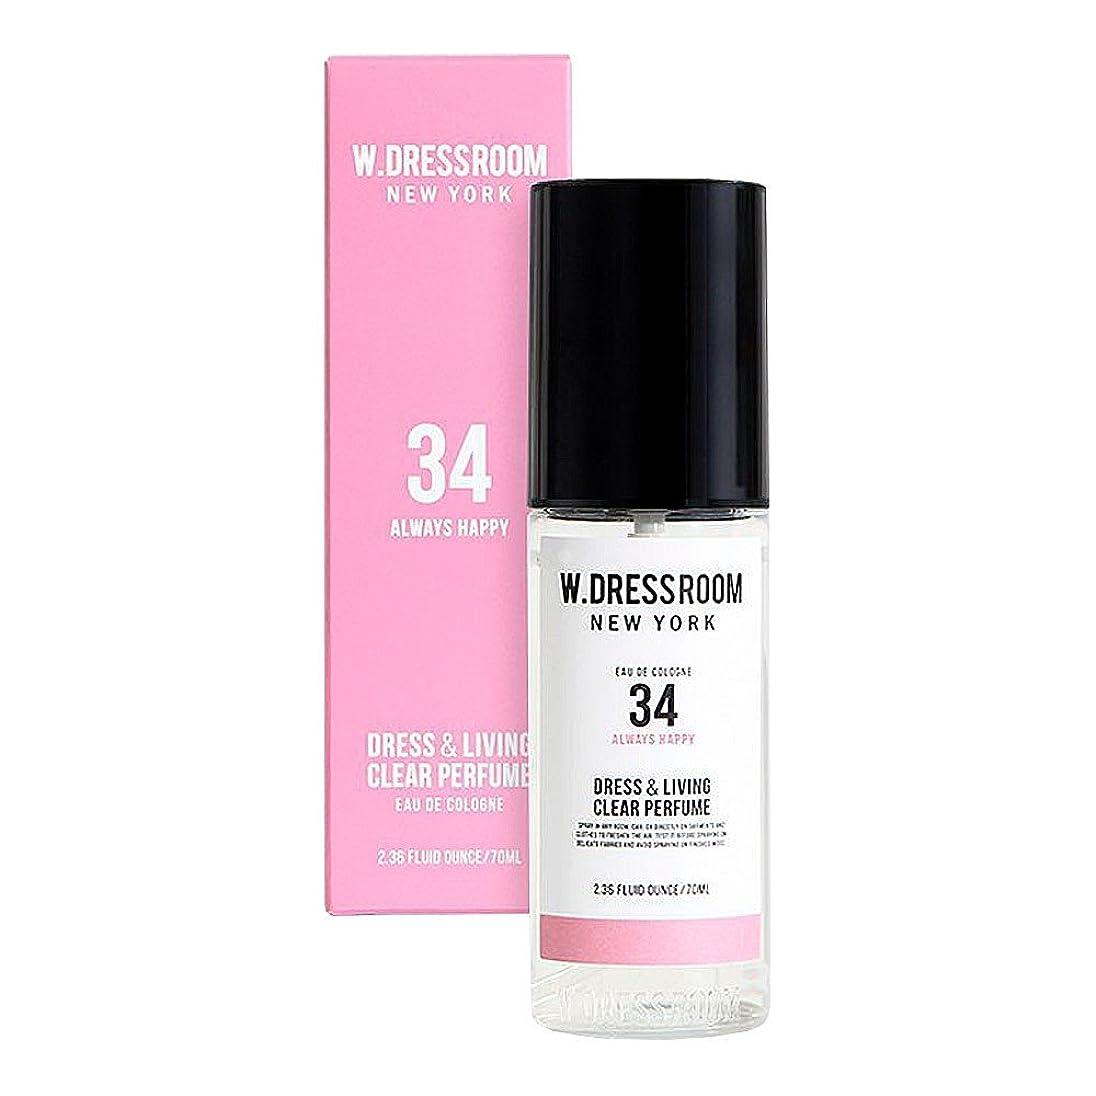 夢中ムス領事館W.DRESSROOM Dress & Living Clear Perfume fragrance 70ml (#No.34 Always Happy)/ダブルドレスルーム ドレス&リビング クリア パフューム 70ml (#No.34 Always Happy)